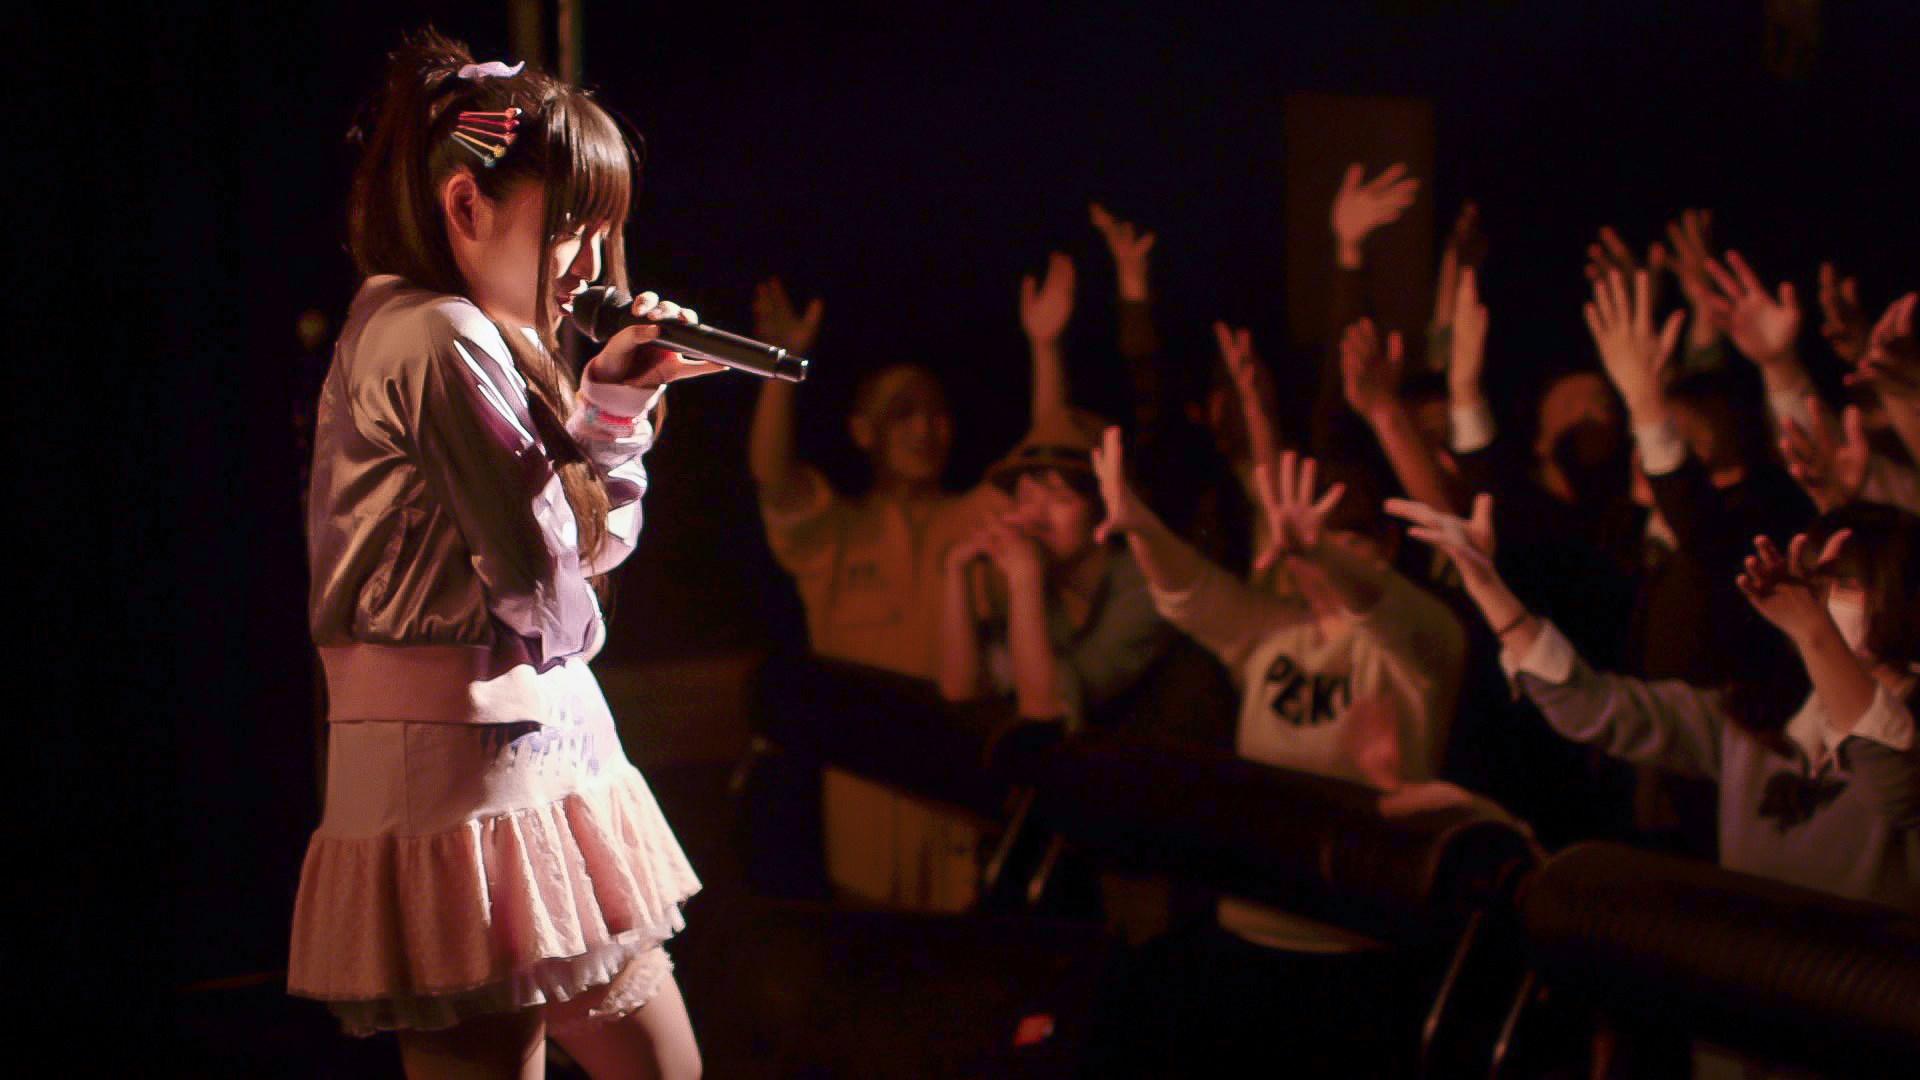 NekoPOP-Tokyo-Idols-film-review-4